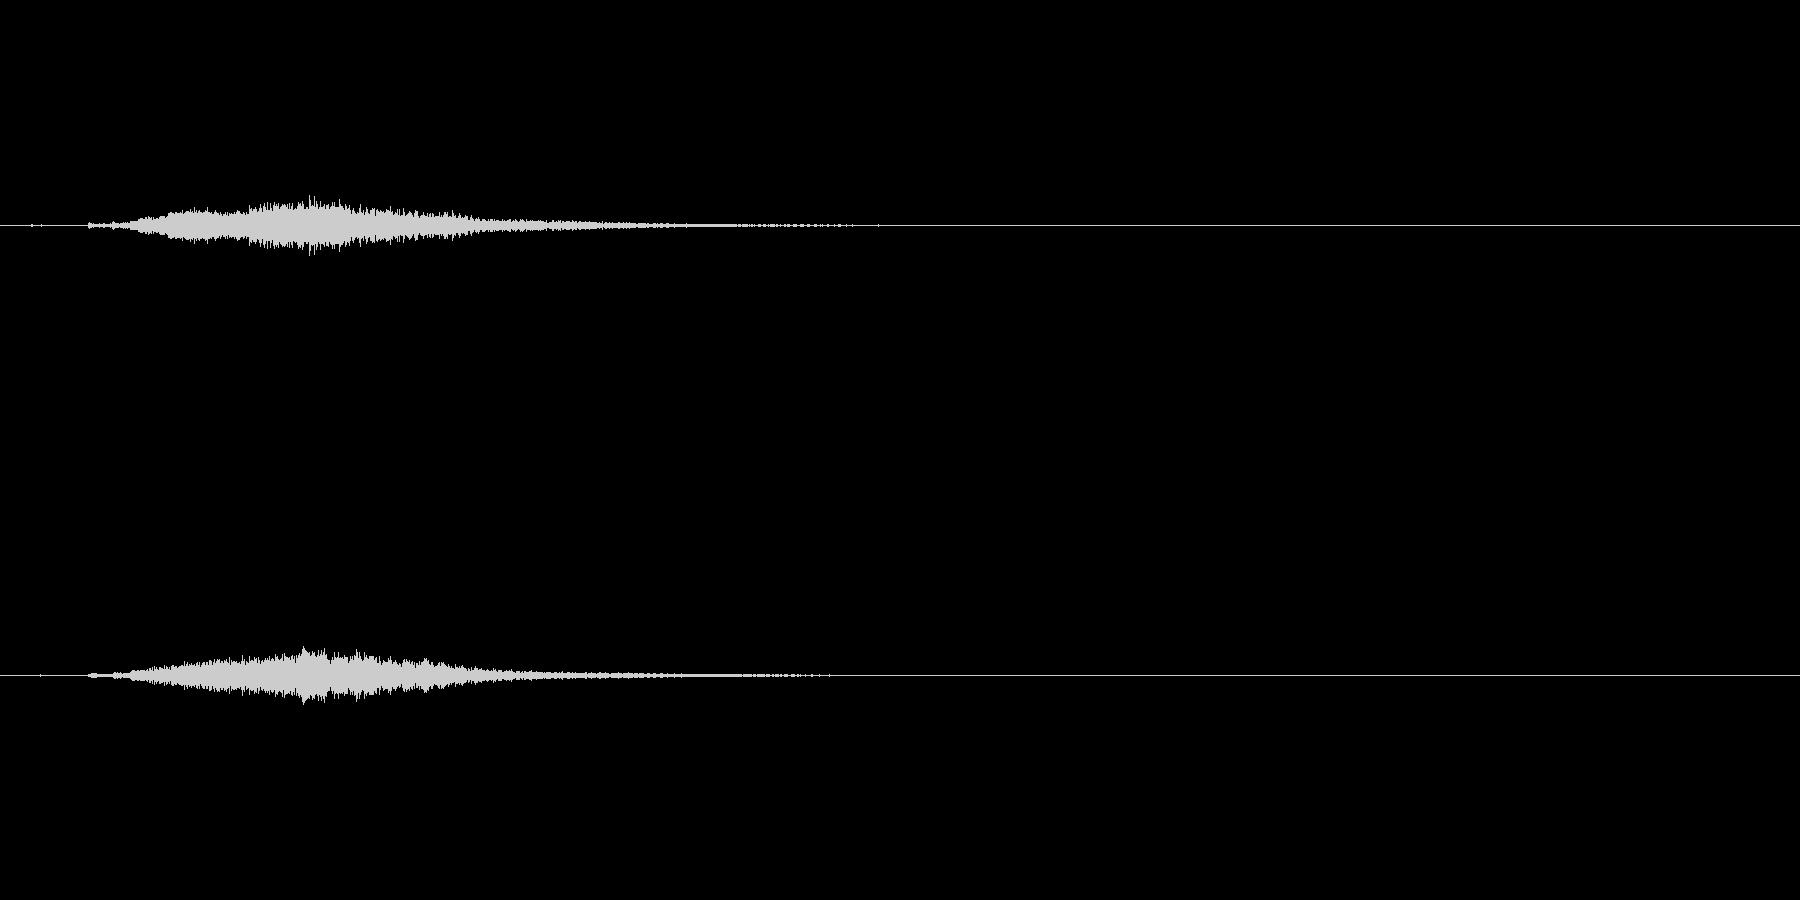 キラリーンbの未再生の波形